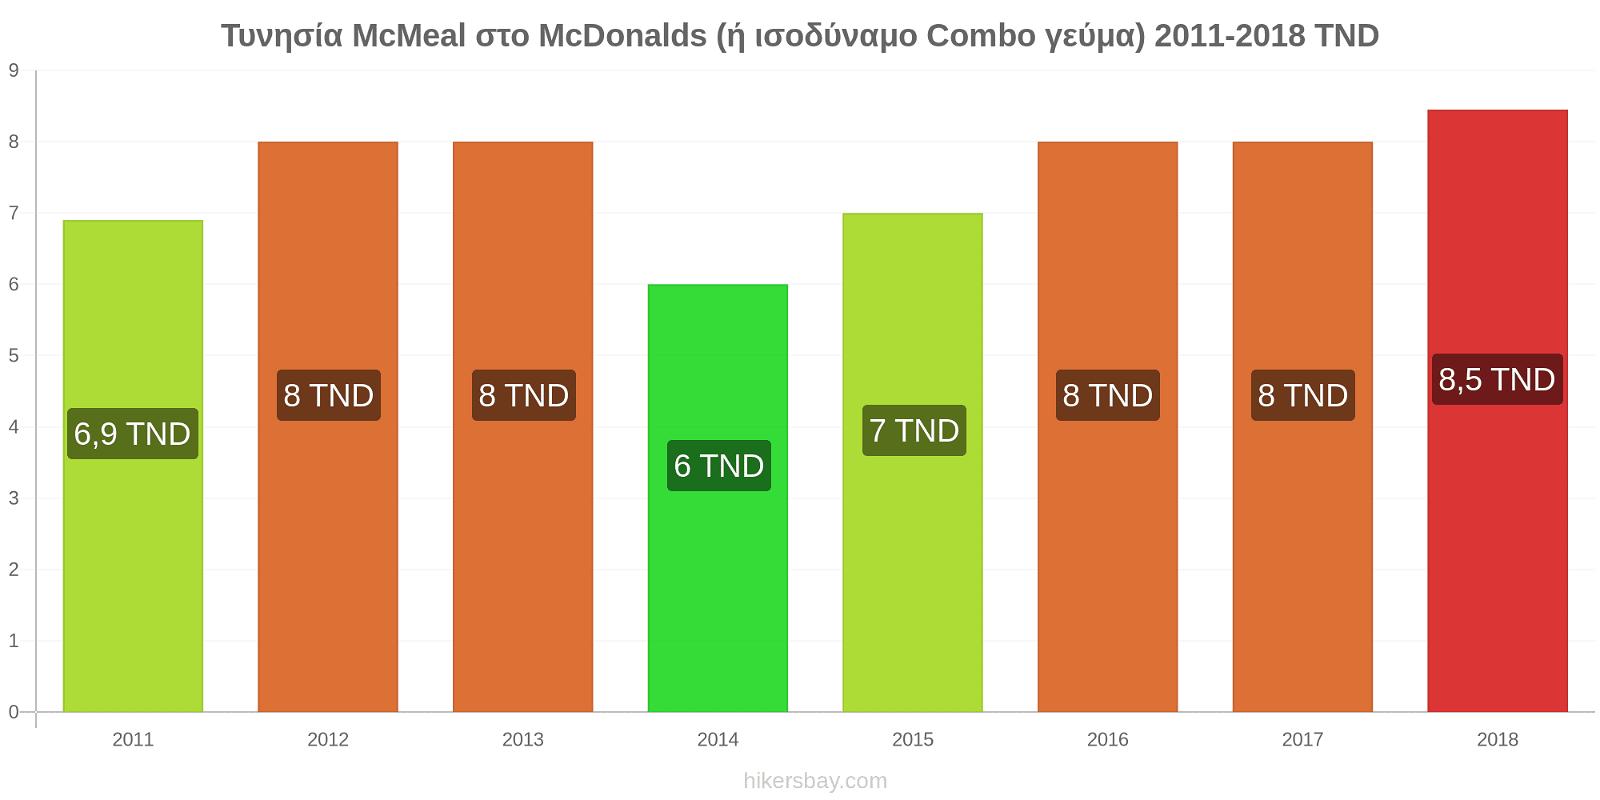 Τυνησία αλλαγές τιμών McMeal στο McDonalds (ή ισοδύναμο Combo γεύμα) hikersbay.com